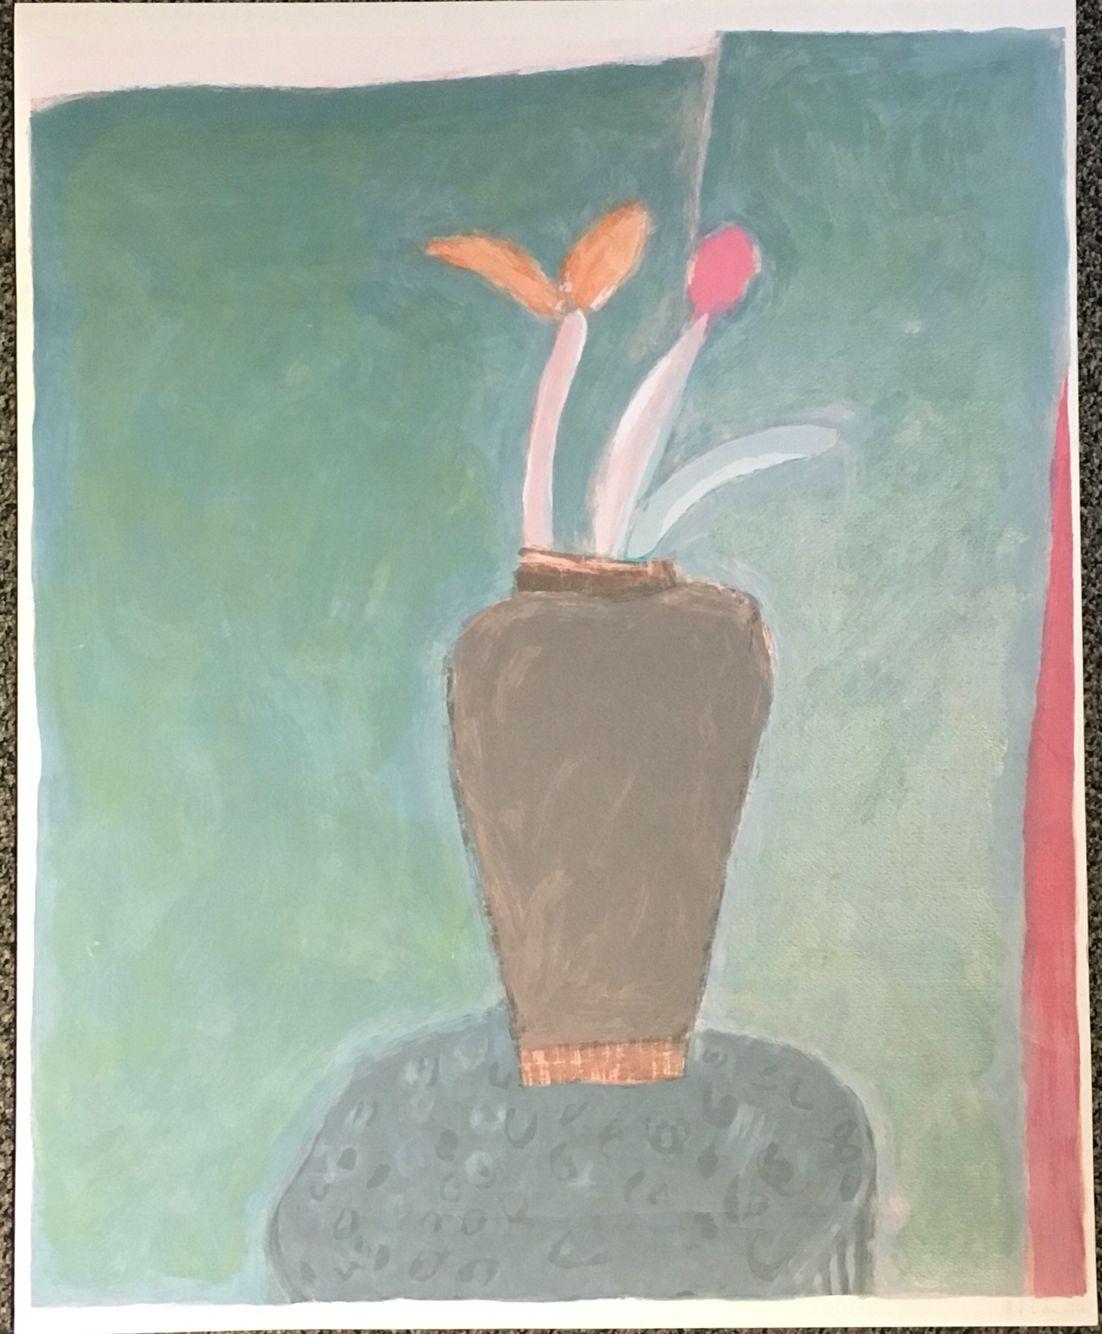 H J Laville Serigrafía 66/100 (60x50) Sin título/2001